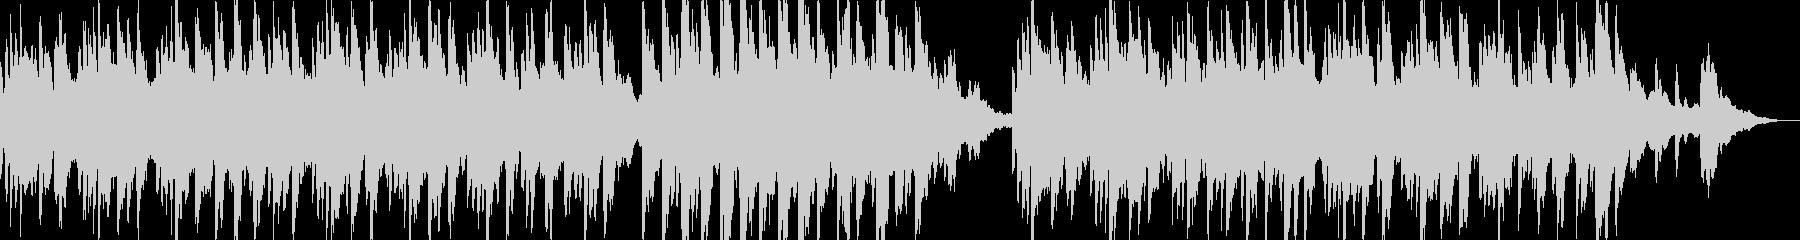 ドラマ001 16bit48kHzVerの未再生の波形